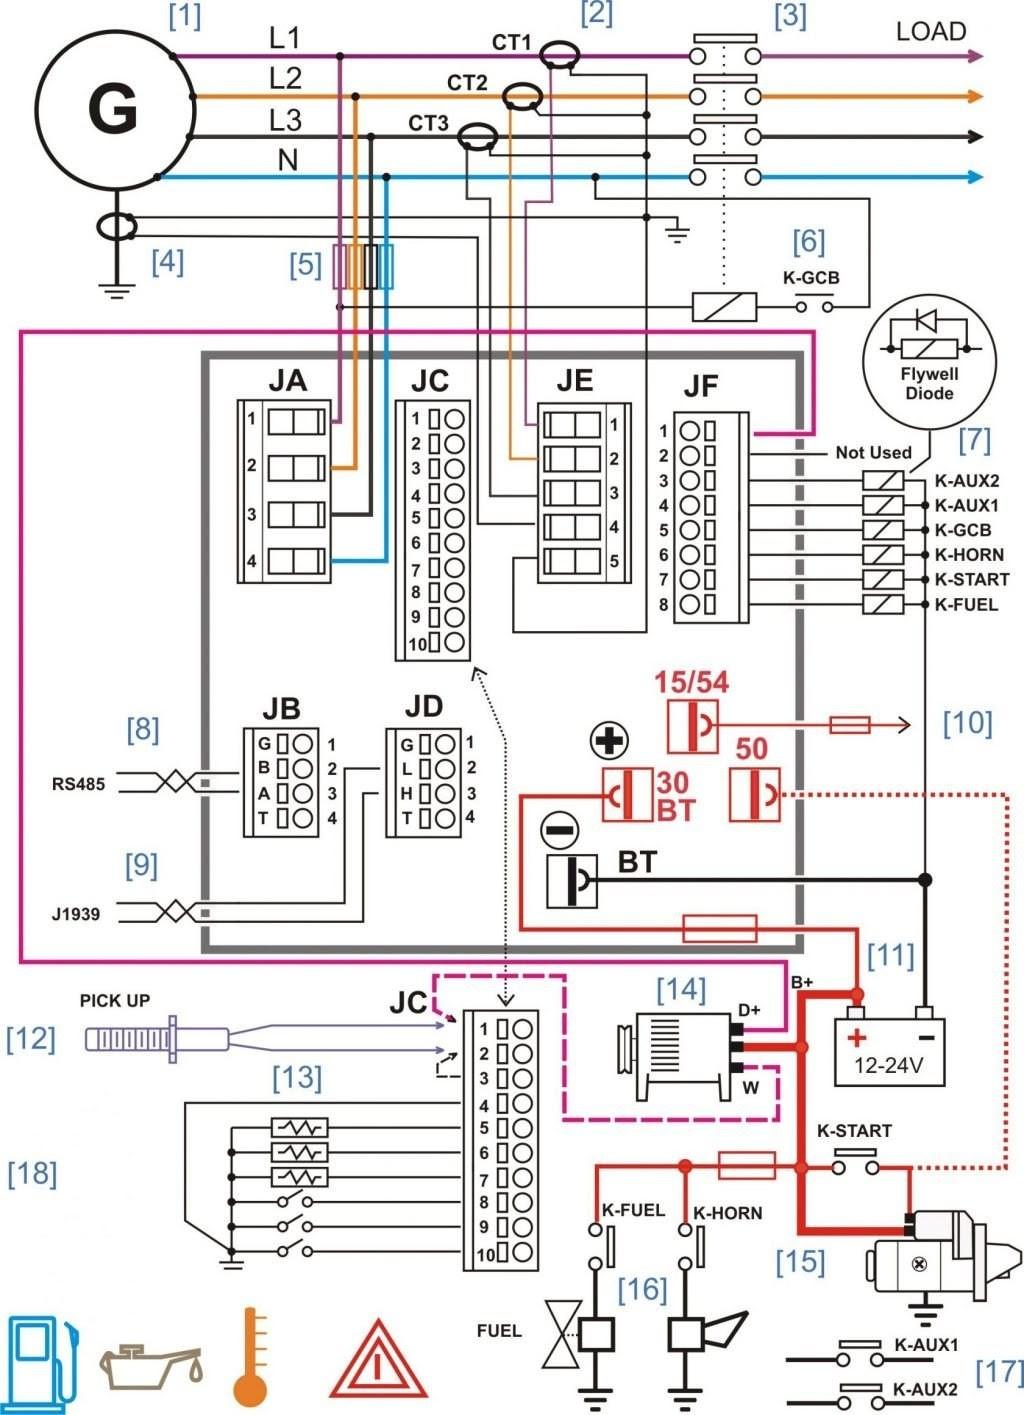 2012 Peterbilt 348 Wiring Schematic Bege Wiring Diagram